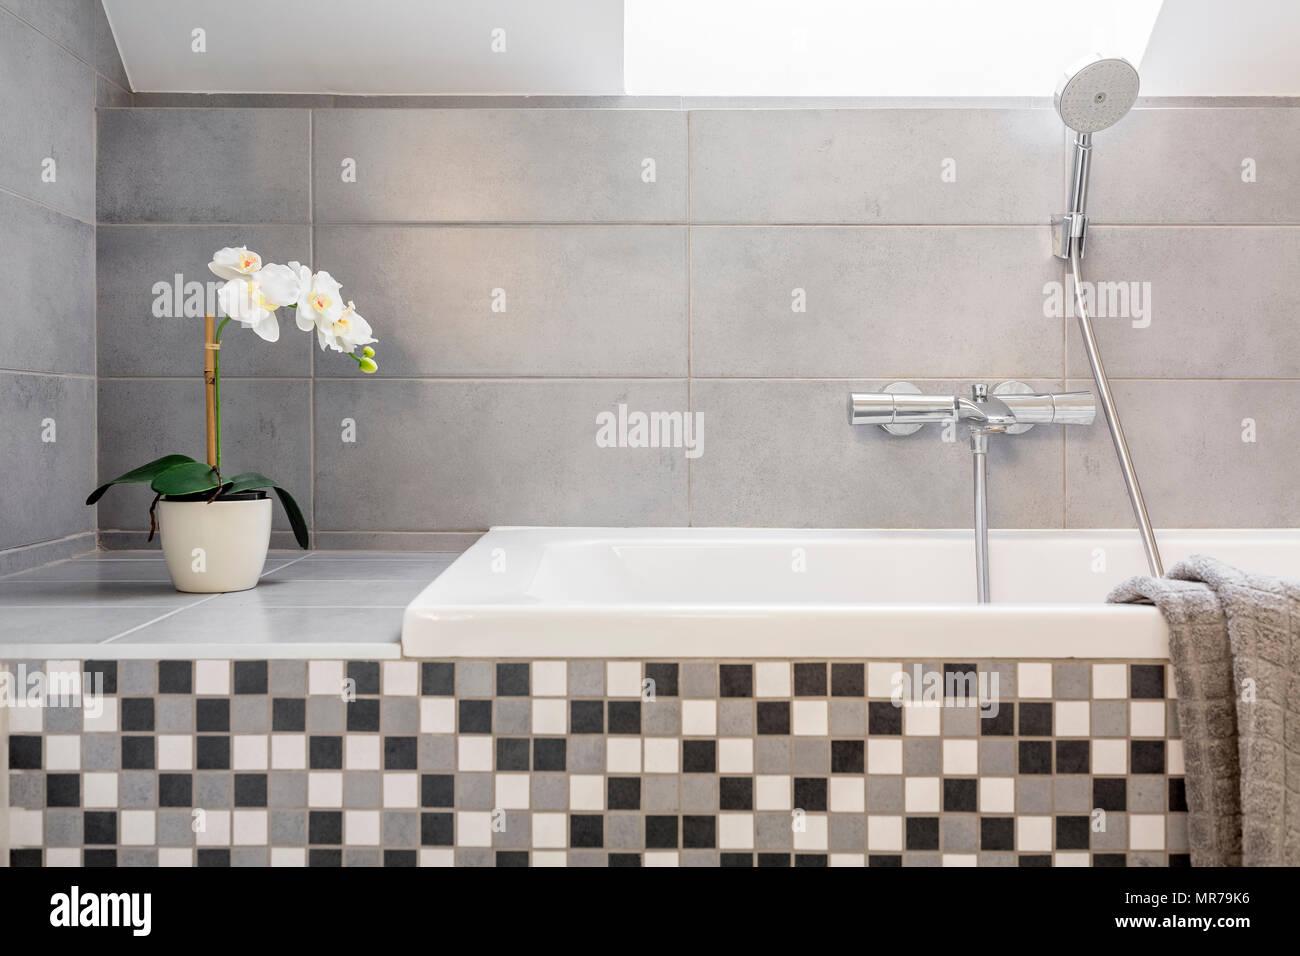 Grigio a bagno con piastrelle a mosaico e vasca da bagno foto